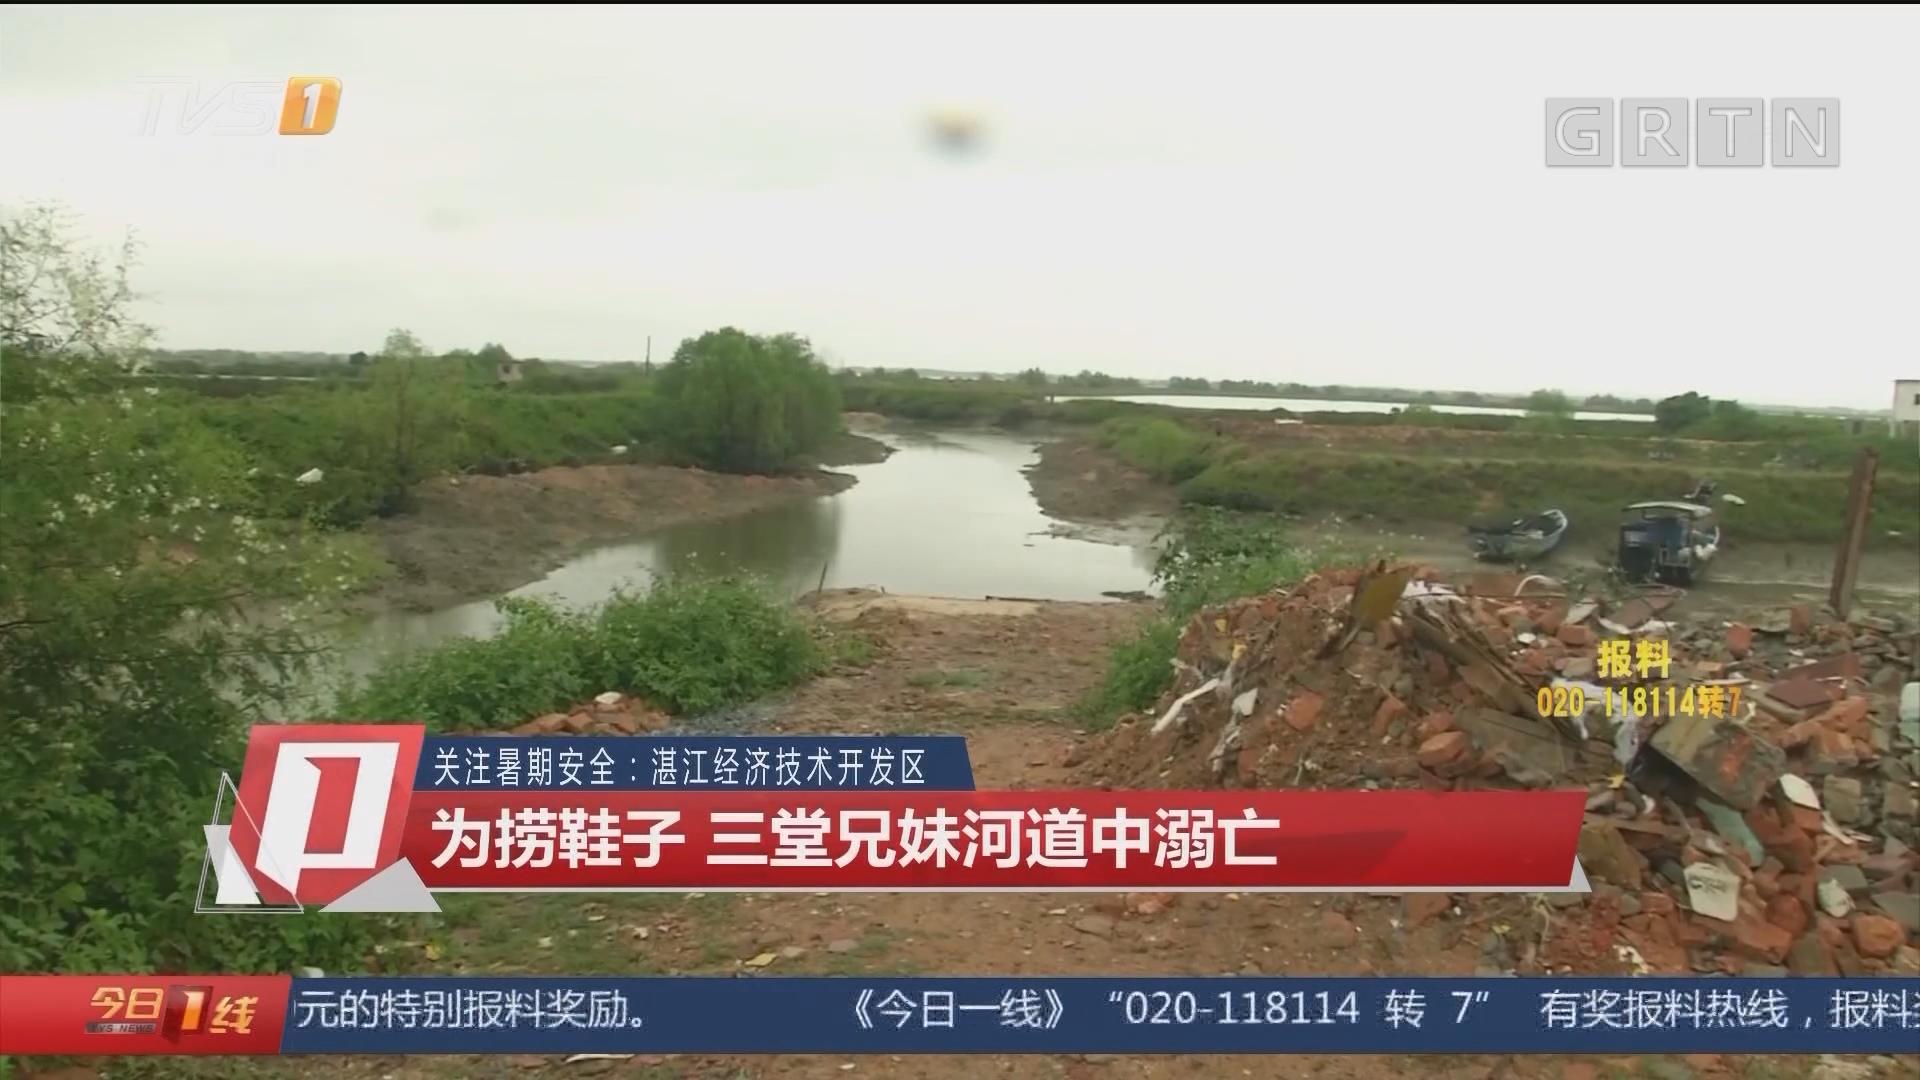 關注暑期安全:湛江經濟技術開發區 為撈鞋子 三堂兄妹河道中溺亡